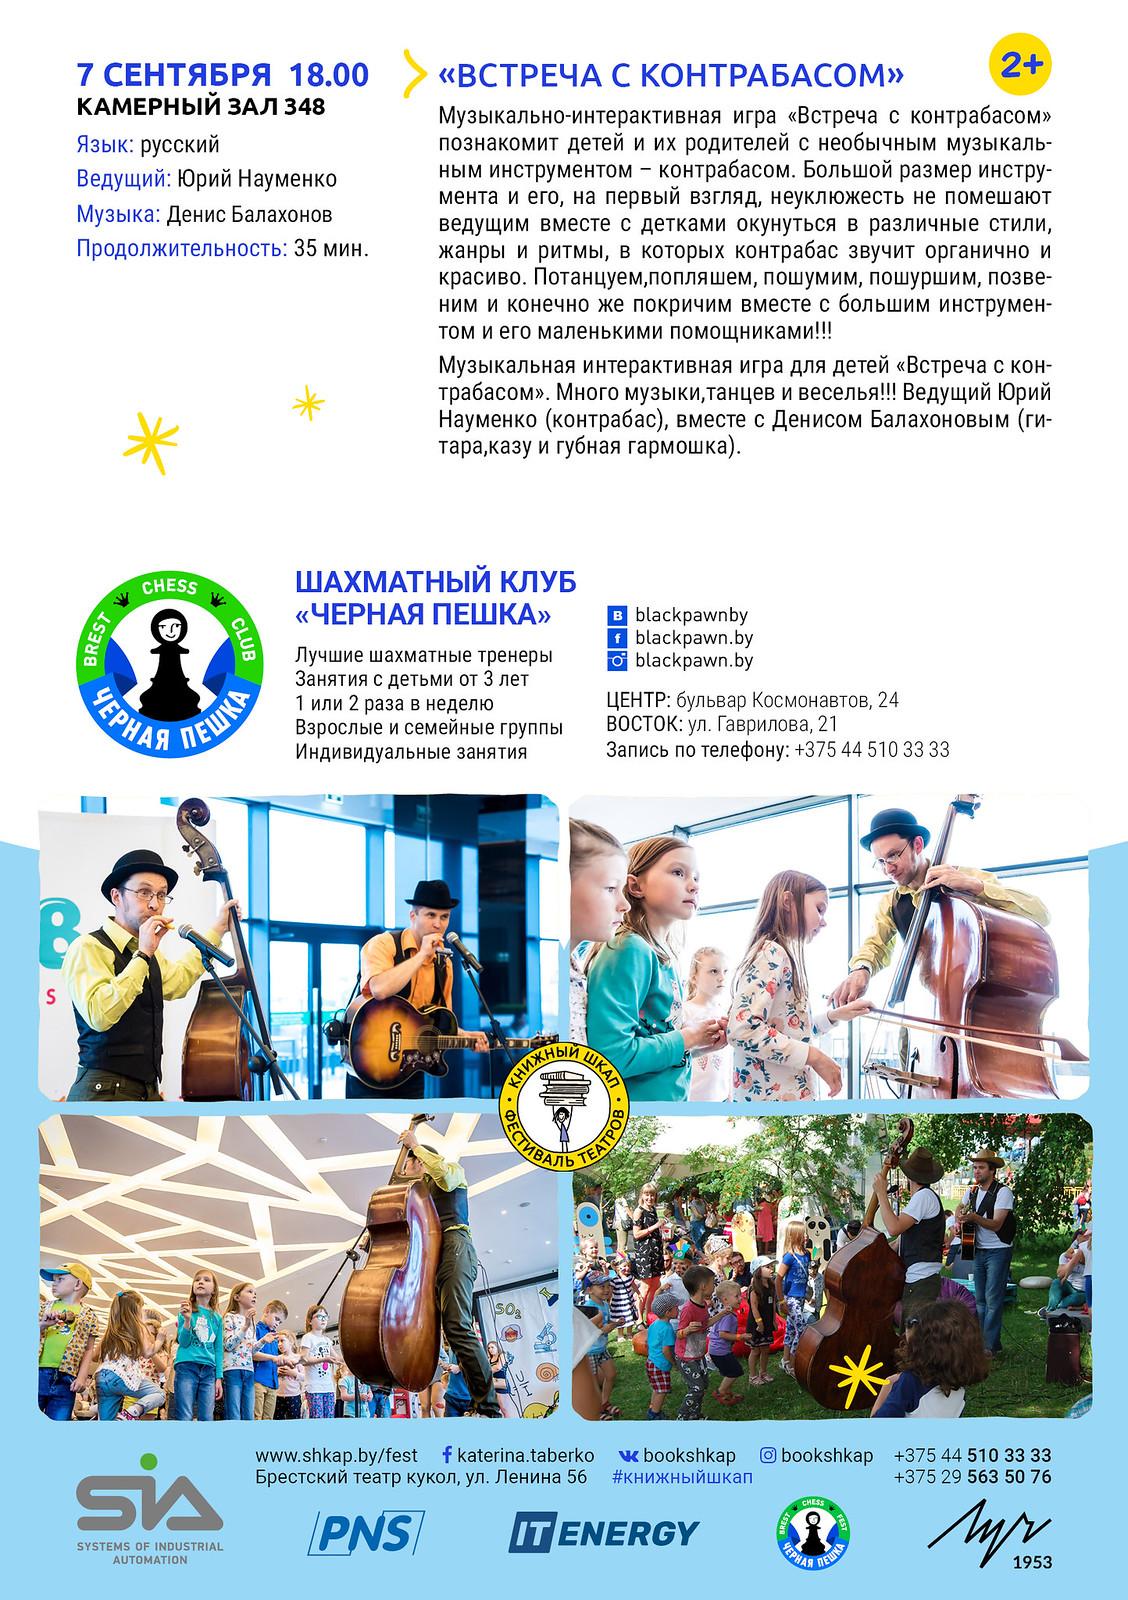 БУКЛЕТ ФЕСТИВАЛЬ ТЕАТРОВ КШ 730